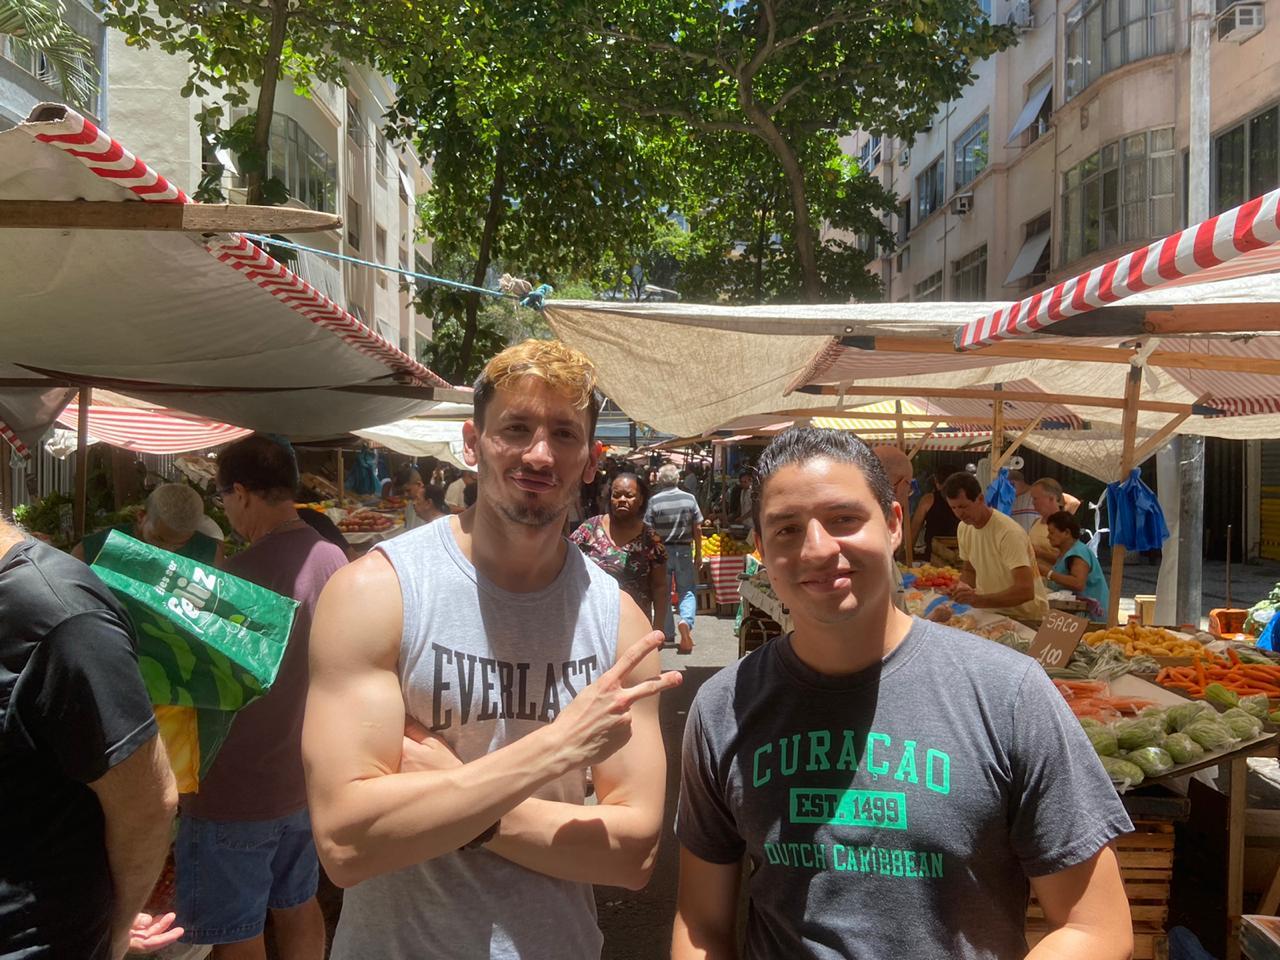 Alumnos de la Rio & Learn en una feria de Frutas y Verduras en Río de Janeiro.